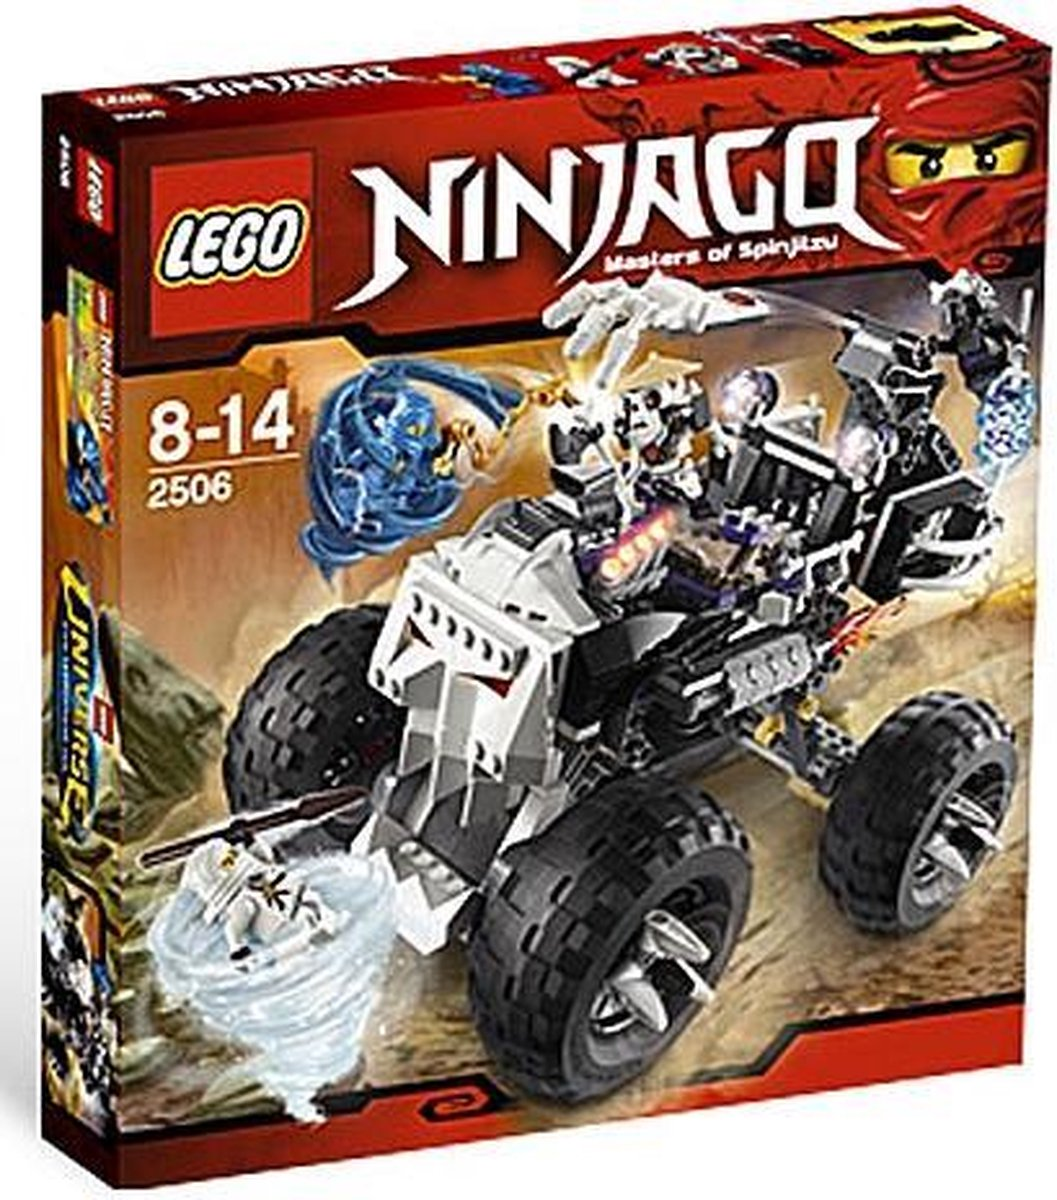 LEGO NINJAGO Skull Truck - 2506